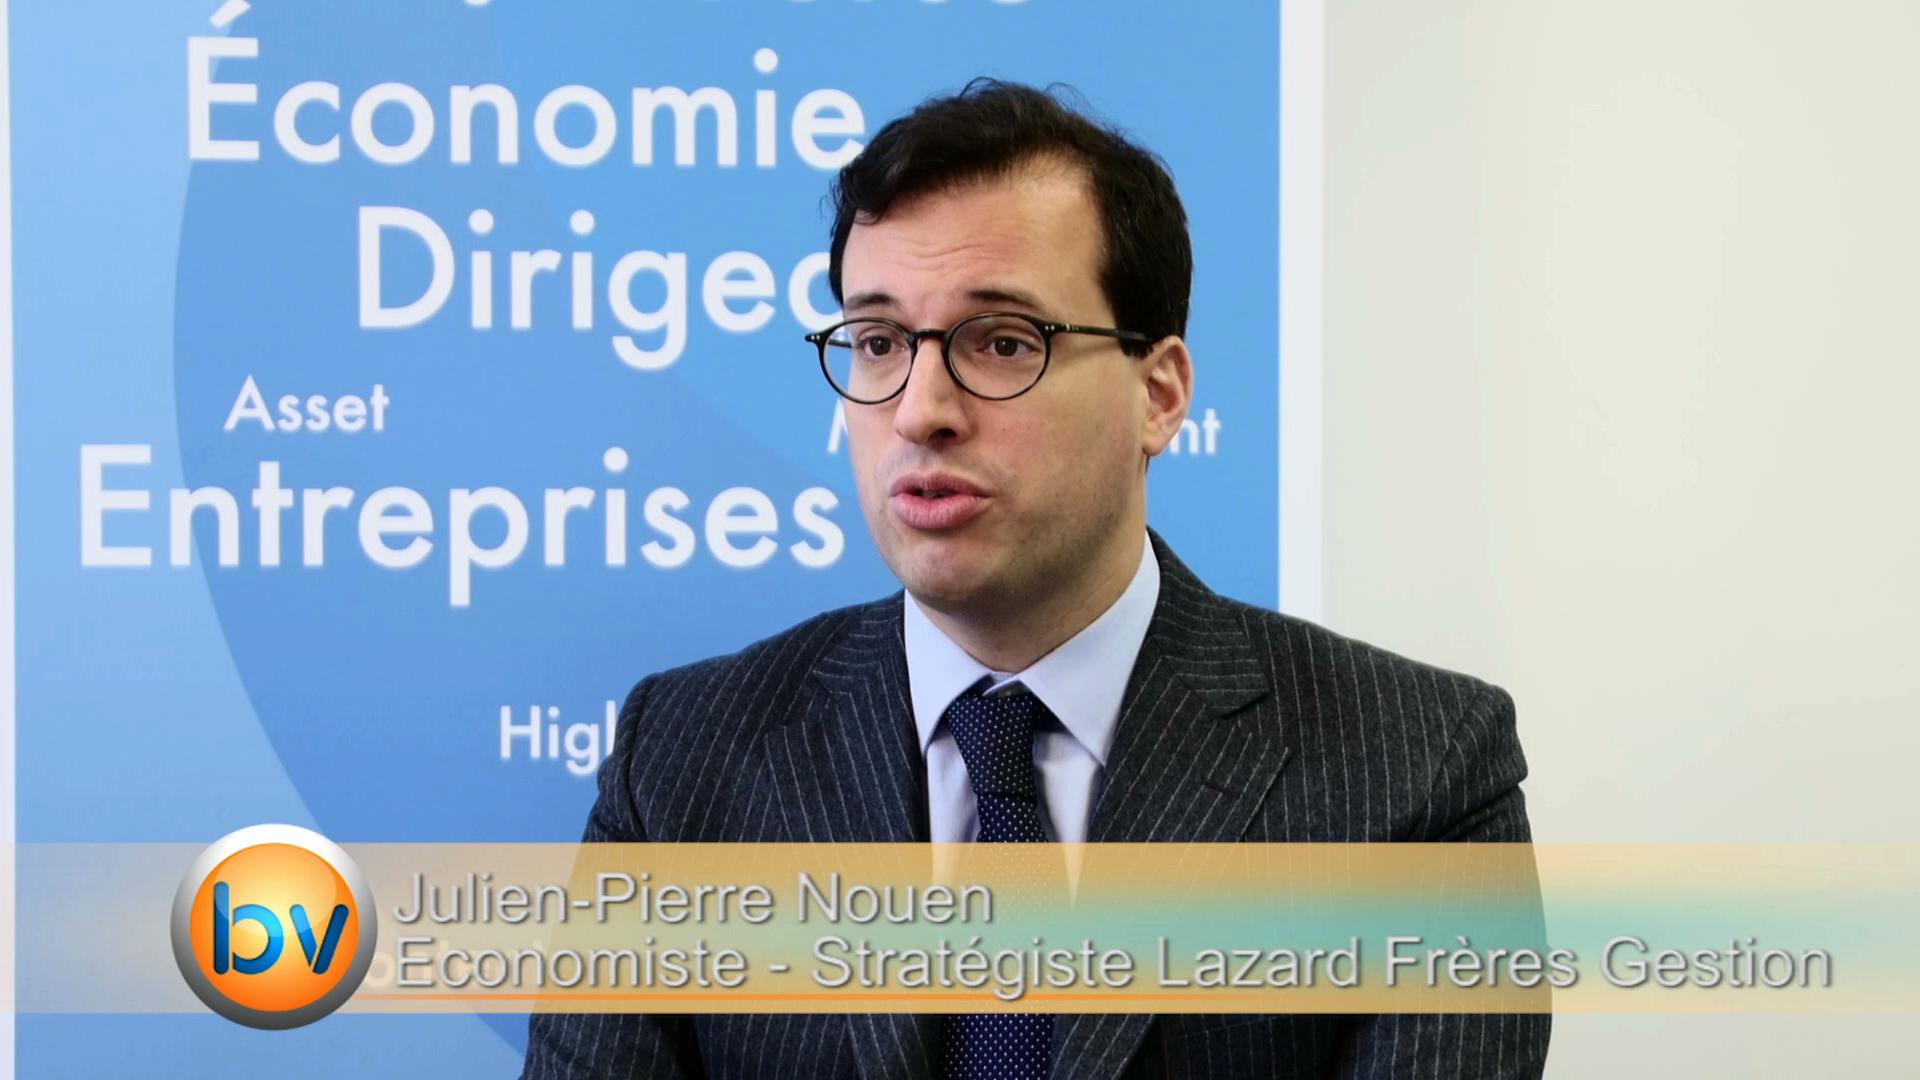 """Julien-Pierre Nouen Economiste – Stratégiste Lazard Frères Gestion : """"Toujours très favorable aux actions de la zone euro"""""""